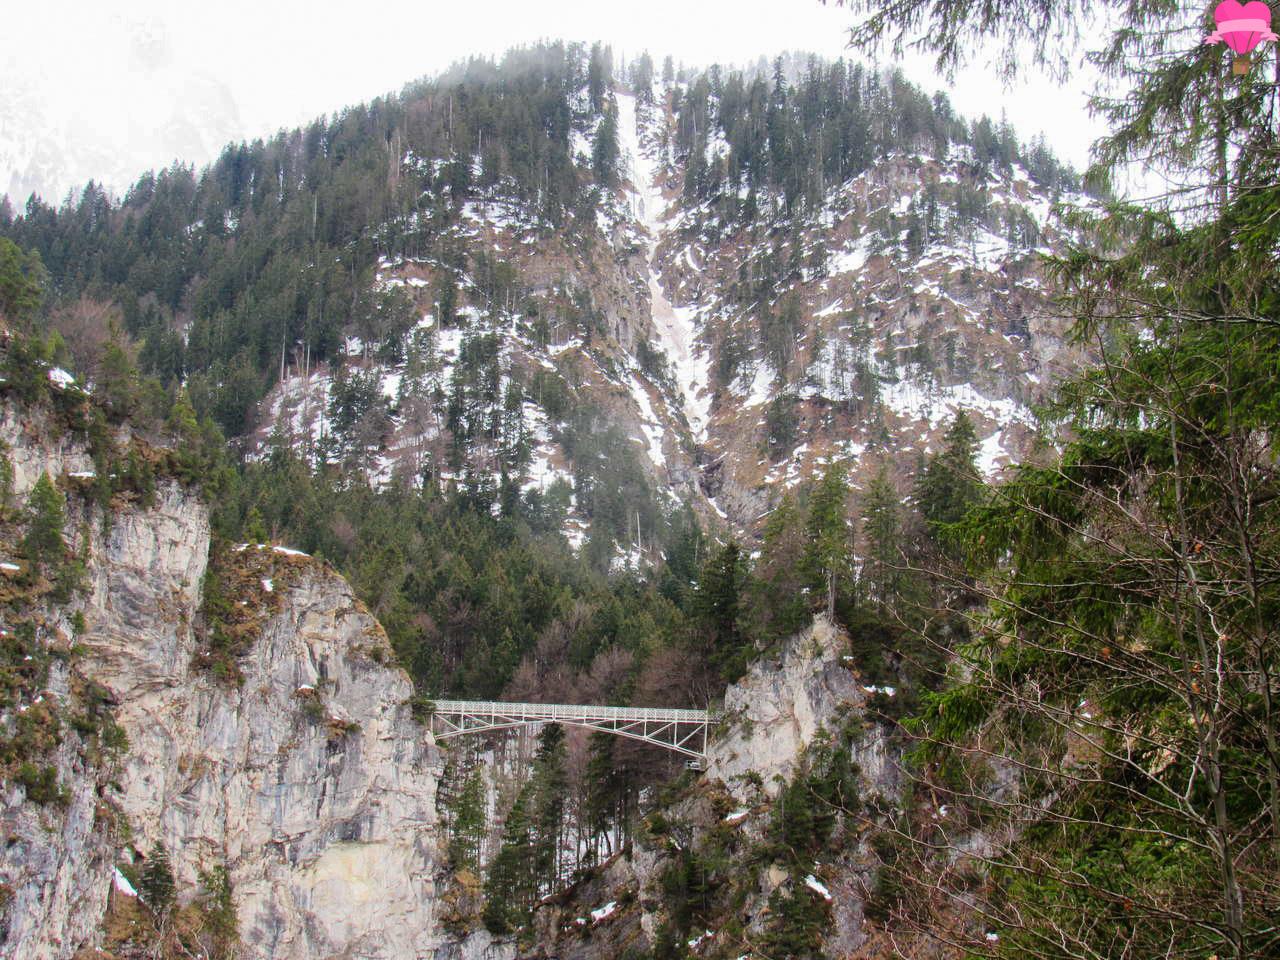 ponte-marienbrücke-alemanha-munique